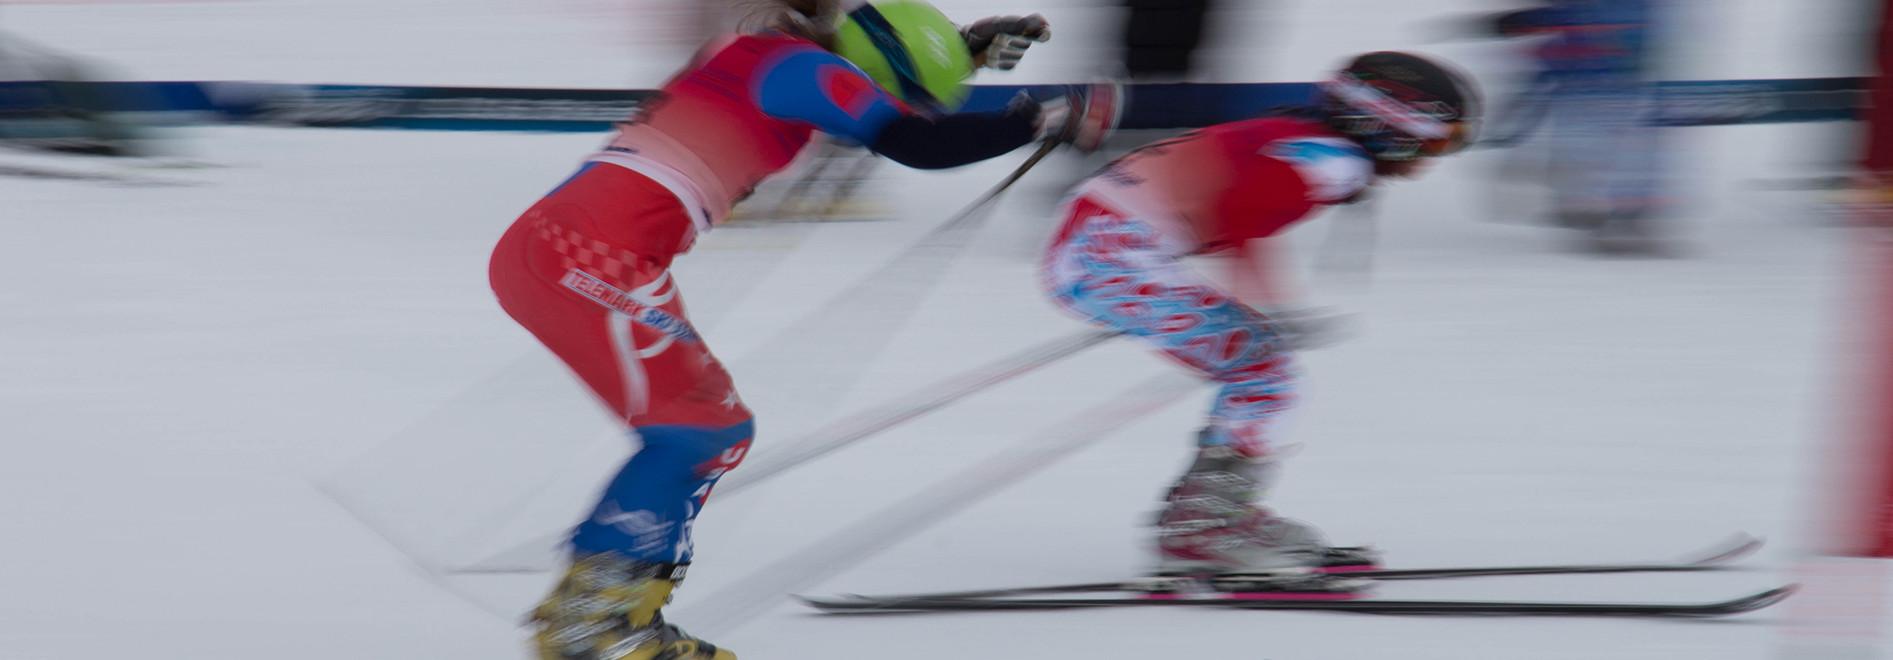 telemark_banner_sprint-skate